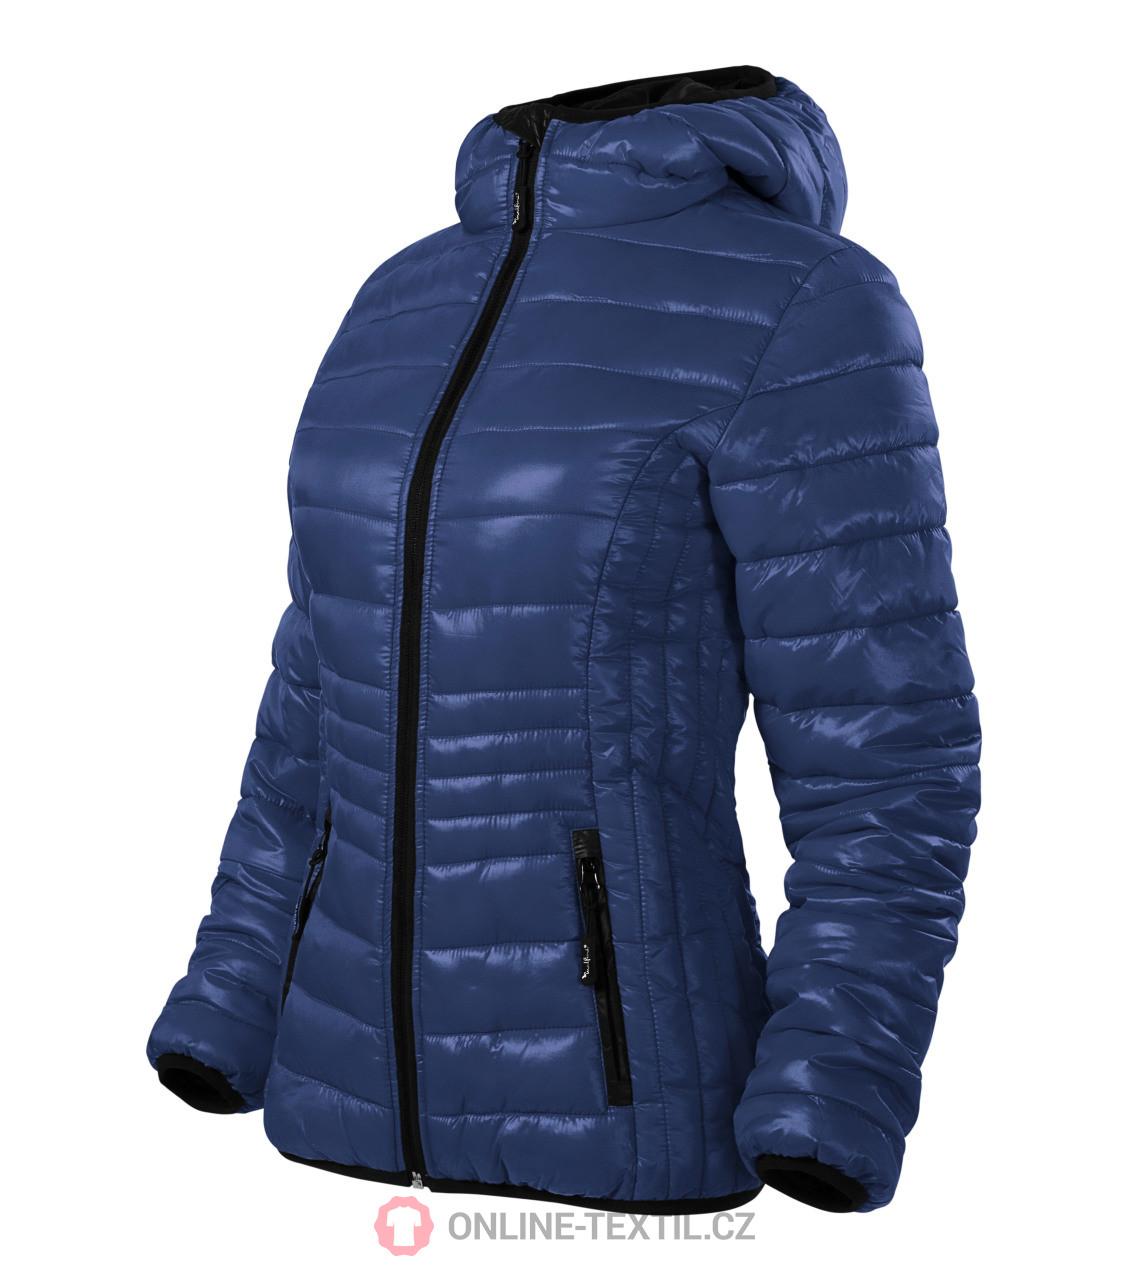 eed417020 ADLER CZECH Prémiová dámska prešívaná bunda Everest 551 - tmavomodrá ...